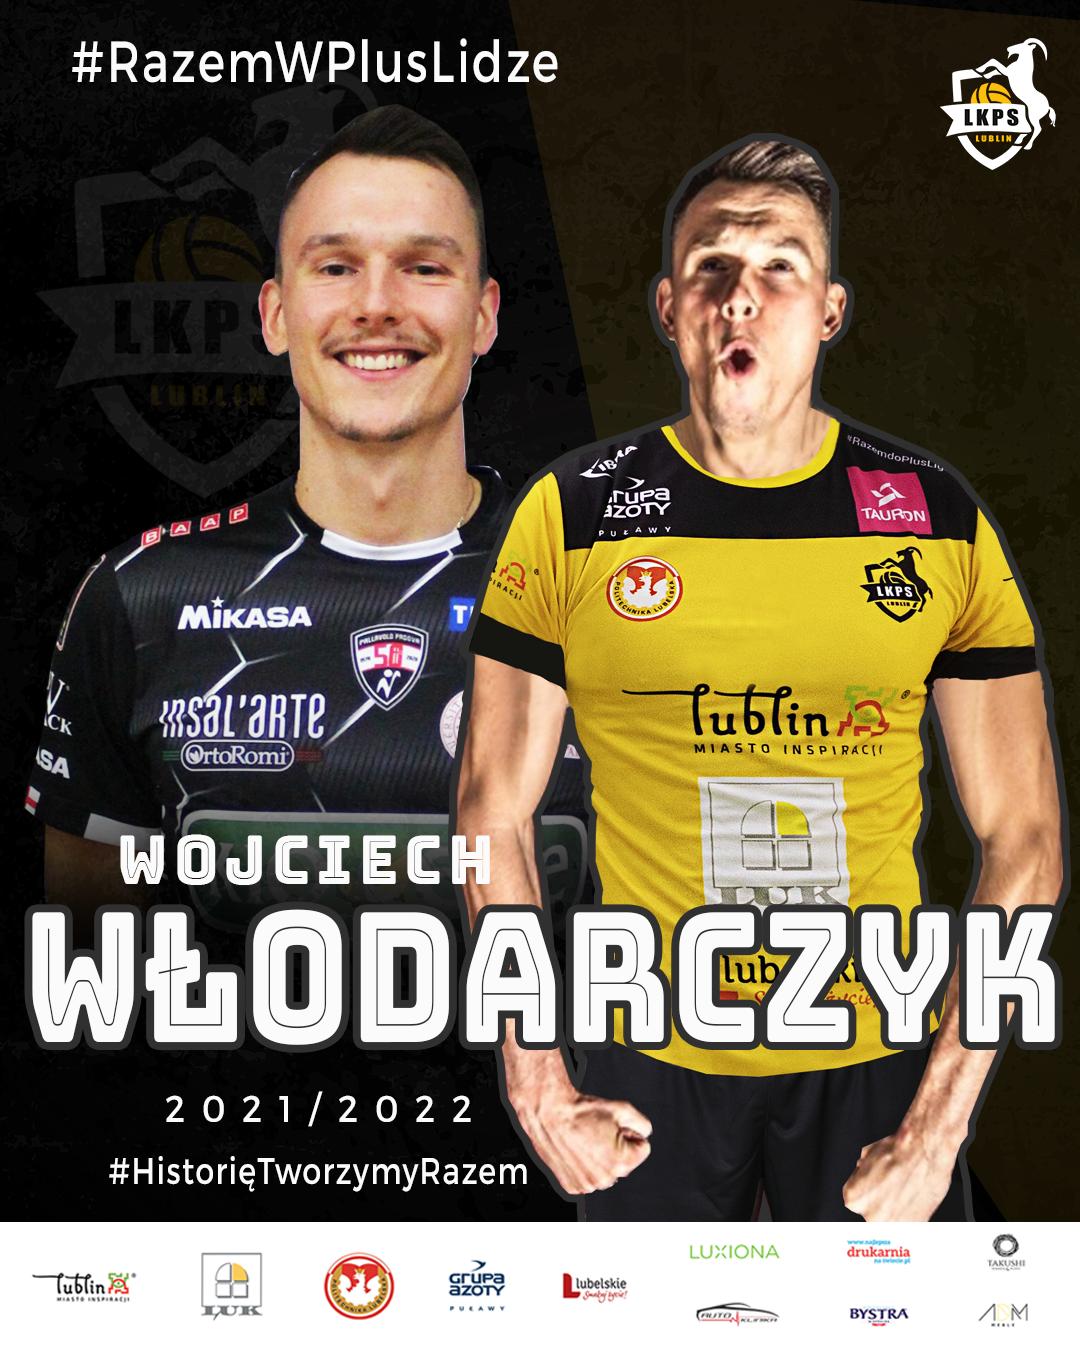 Nowi zawodnicy LUK Politechniki Lublin